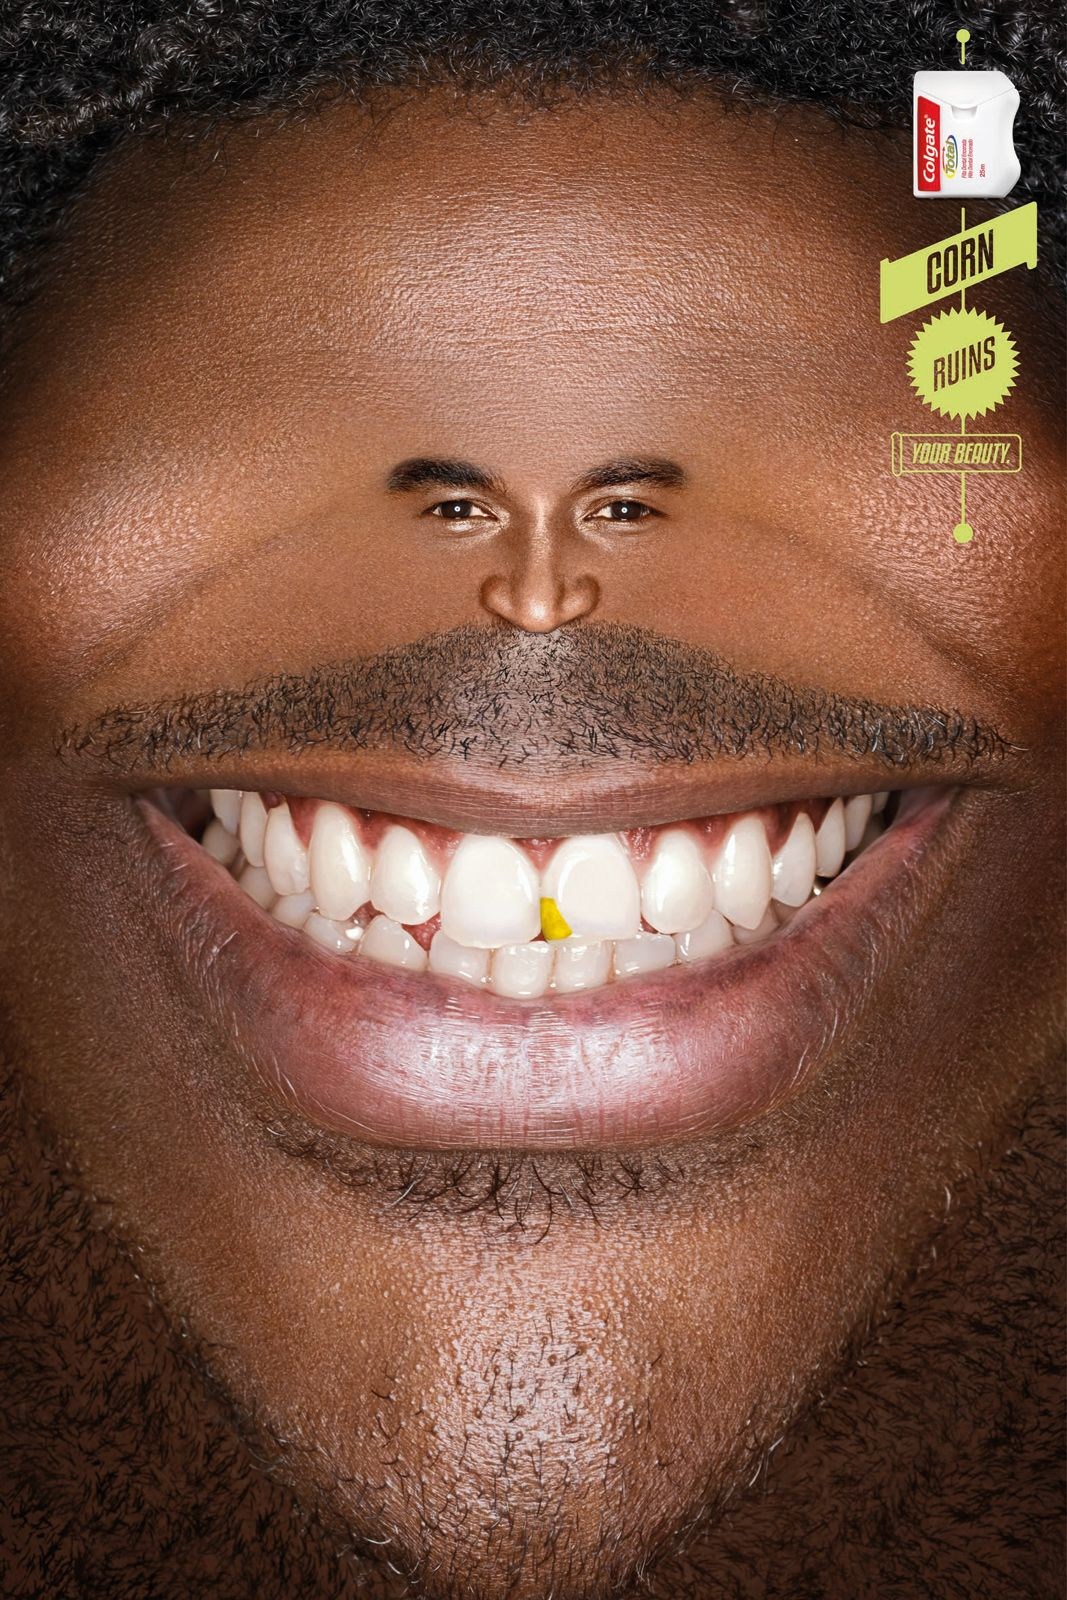 Colgate dental floss smile 1 advertising poster best